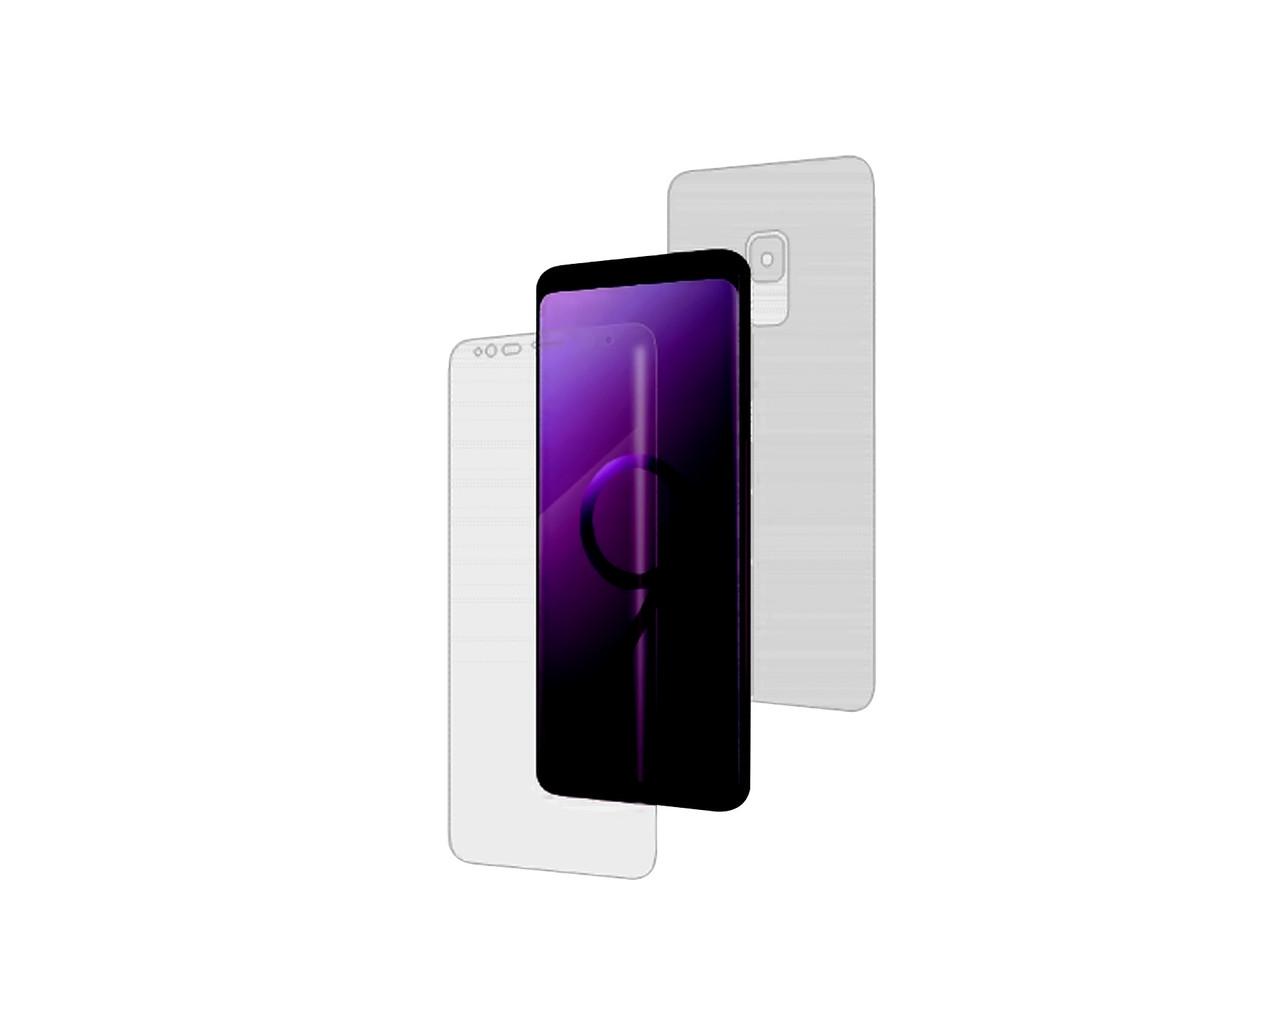 Захисна плівка 2 сторони - лицьова і зворотна SO EASY ITOP 360 для Samsung Galaxy S9 Plus Full Cover